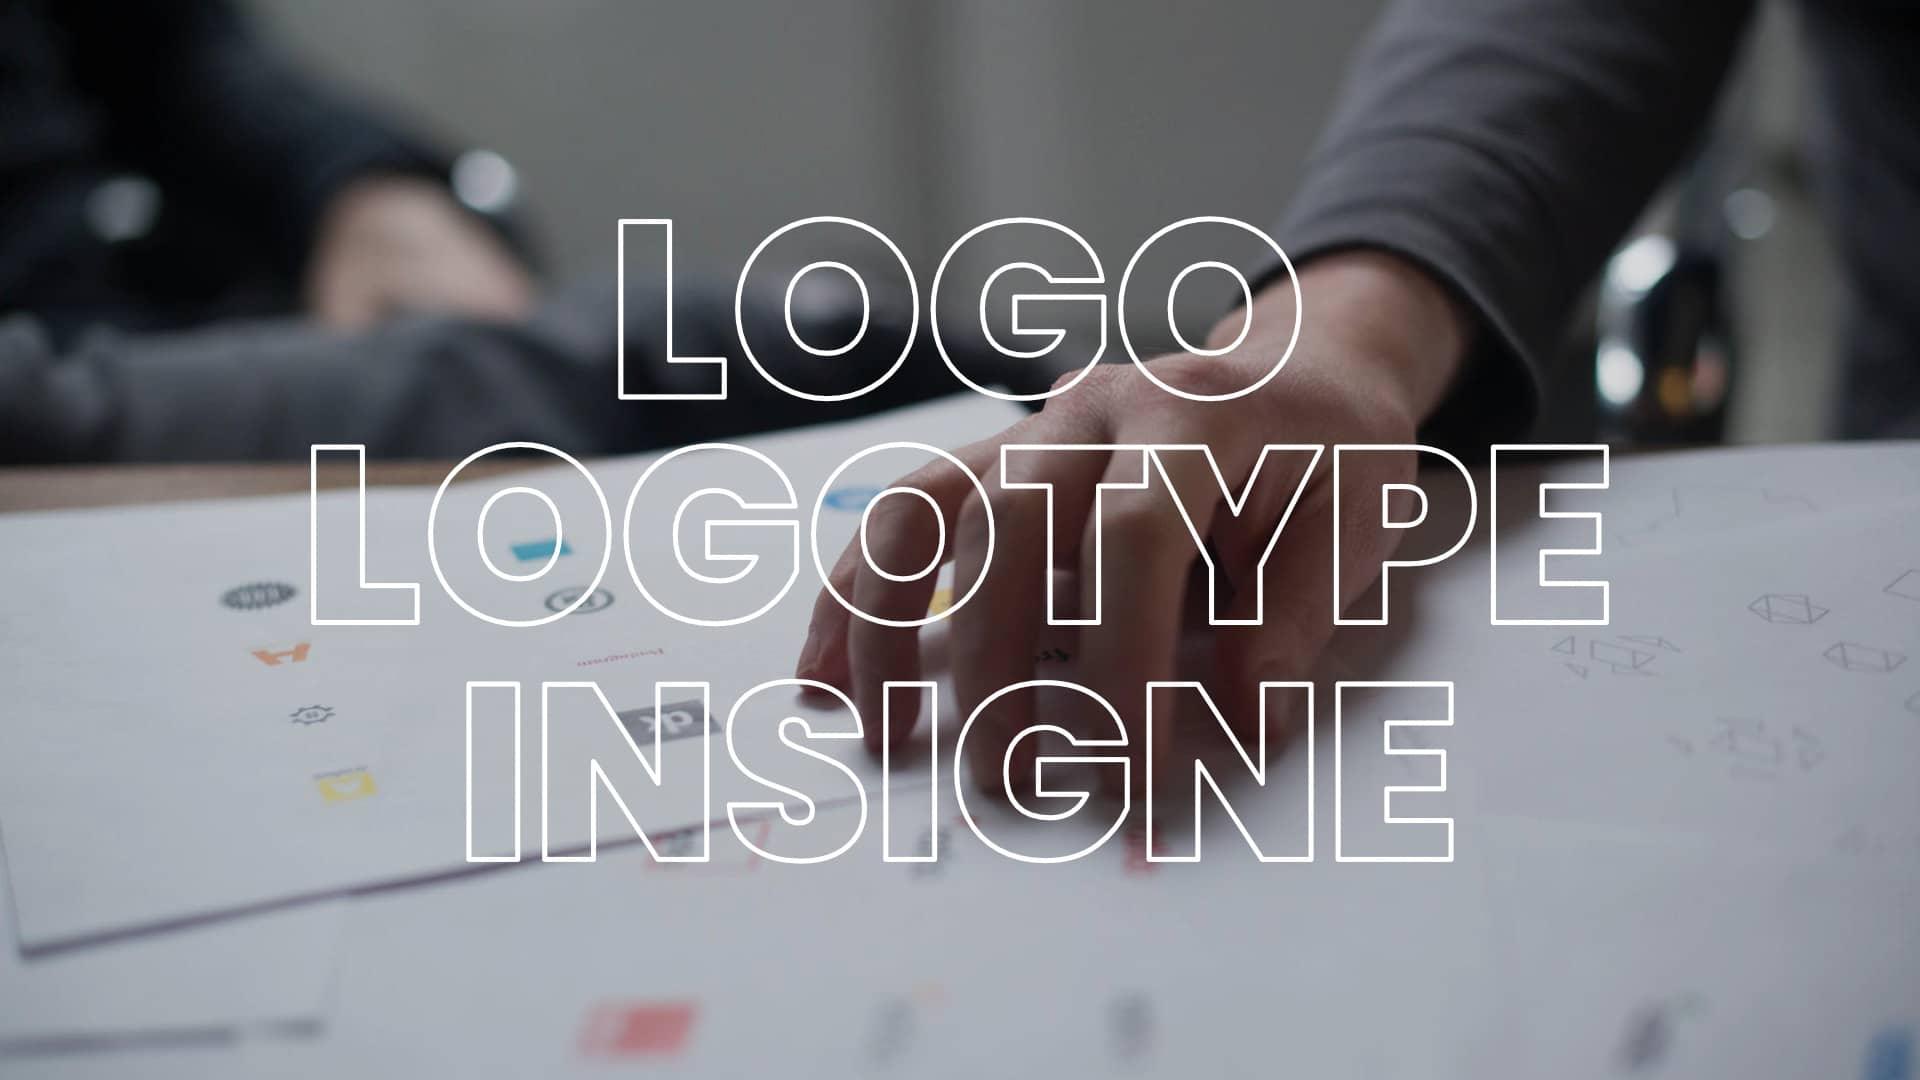 Logo, logotype, insigne : définitions et différences